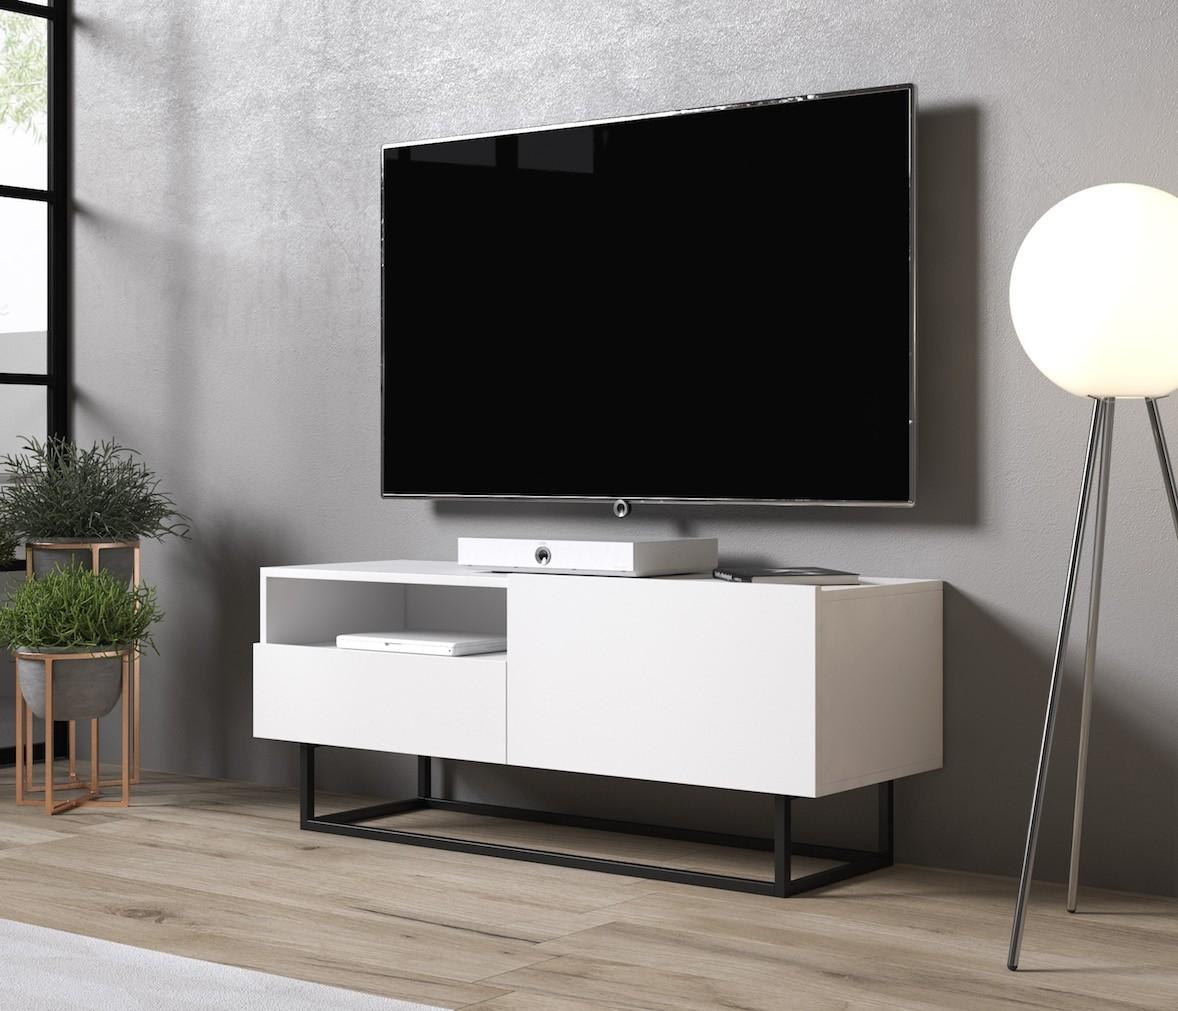 Tv Kast Wit Modern.Tv Meubel Eos 2 Wit 120 Cm Meubella